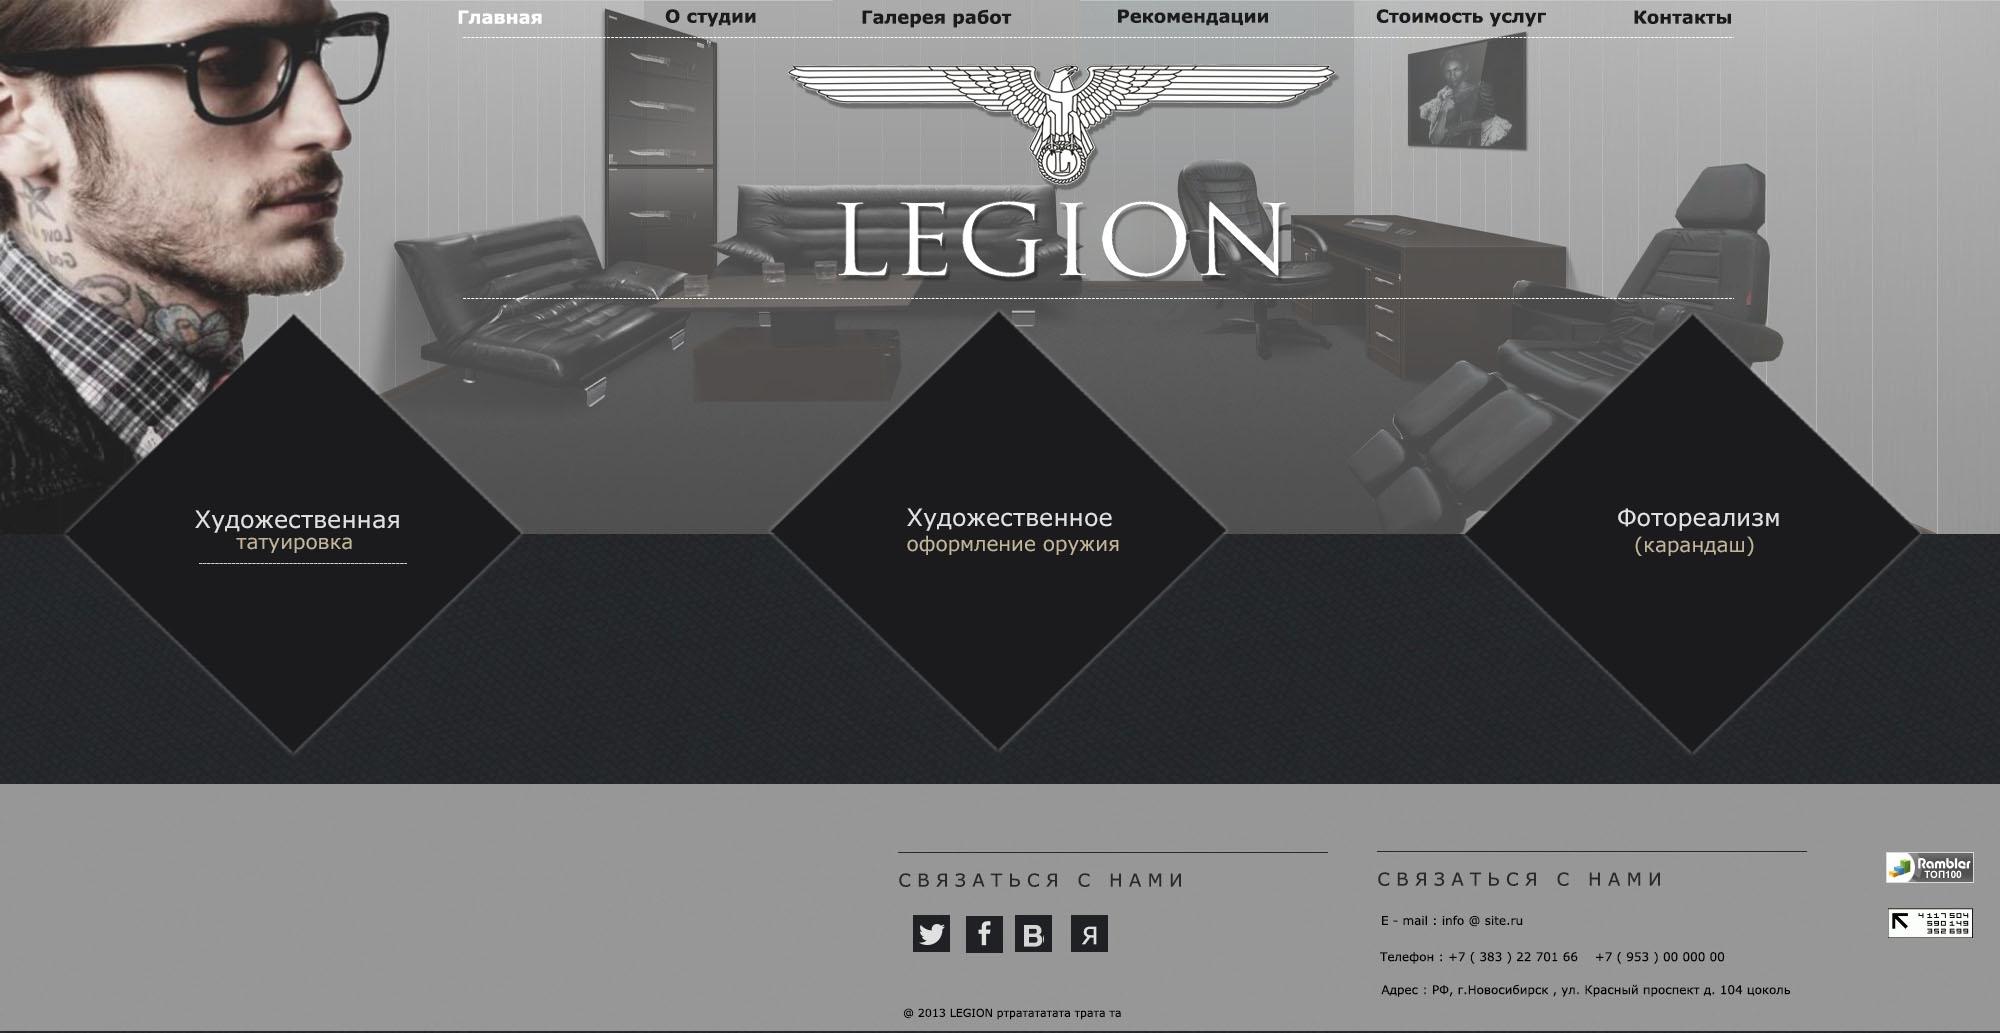 Требуется разработать дизайн сайта для арт-студии Legion фото f_20151eff37432cf1.jpg